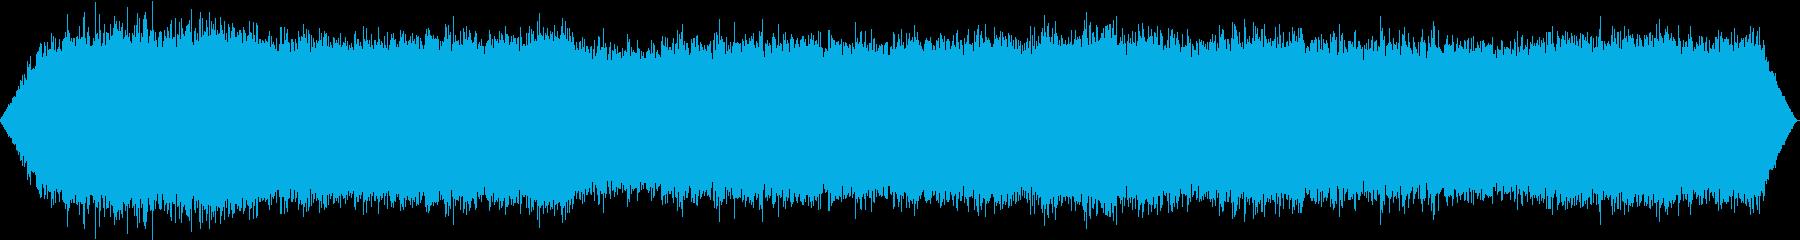 【生録音】初夏の夜の環境音 虫の声 3の再生済みの波形